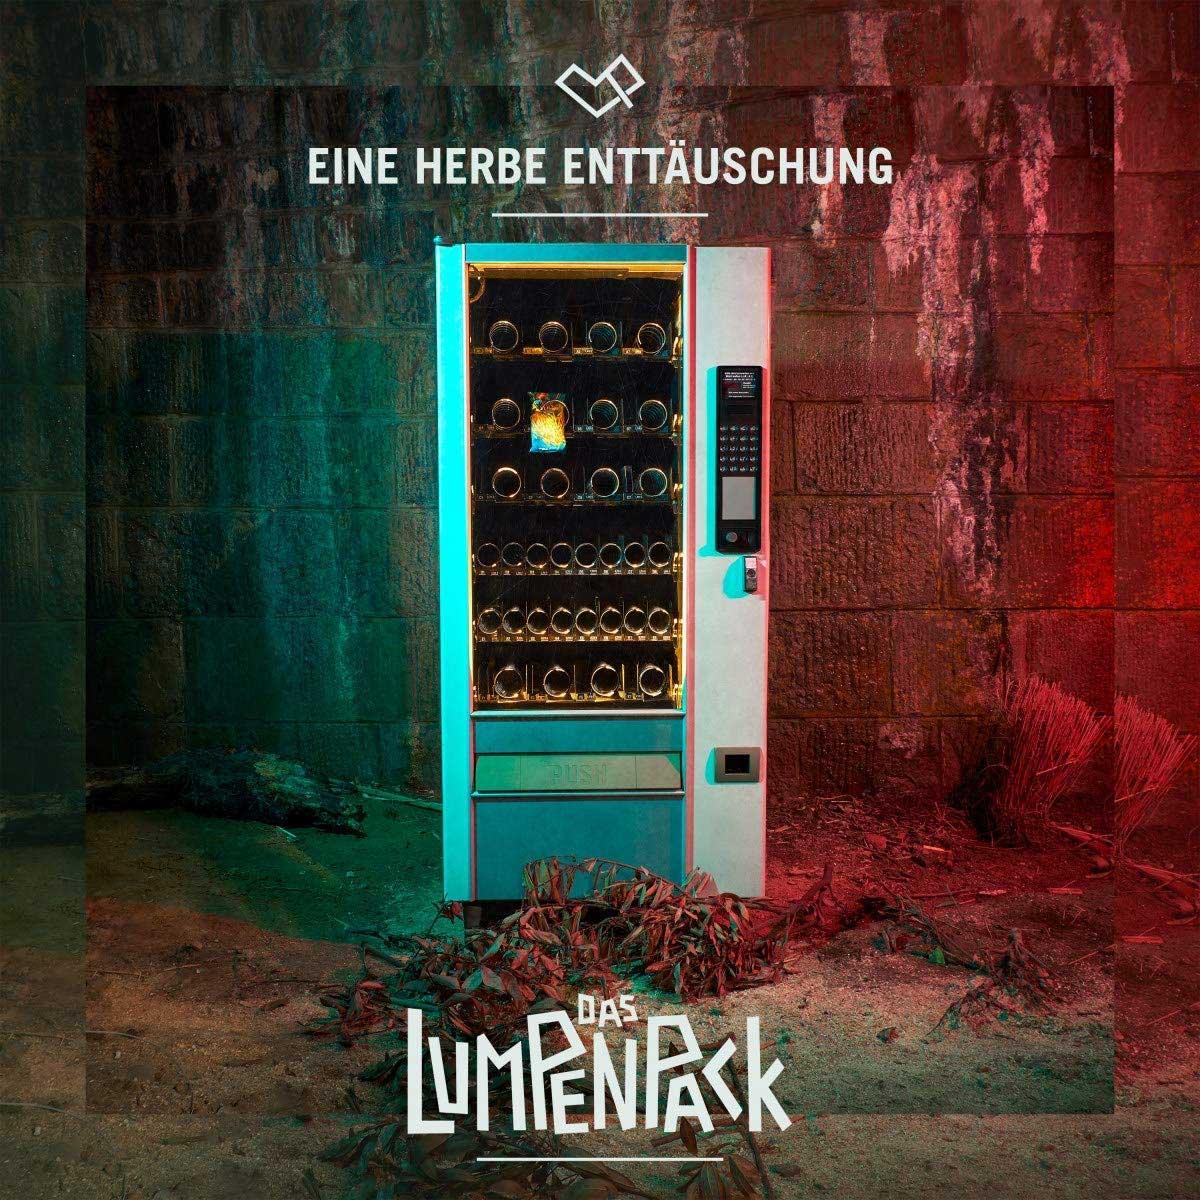 kurzweil-ICH: Das Lumpenpack im Interview Das-Lumpenpack-eine-herbe-enttaeuschung-albumcover-2019